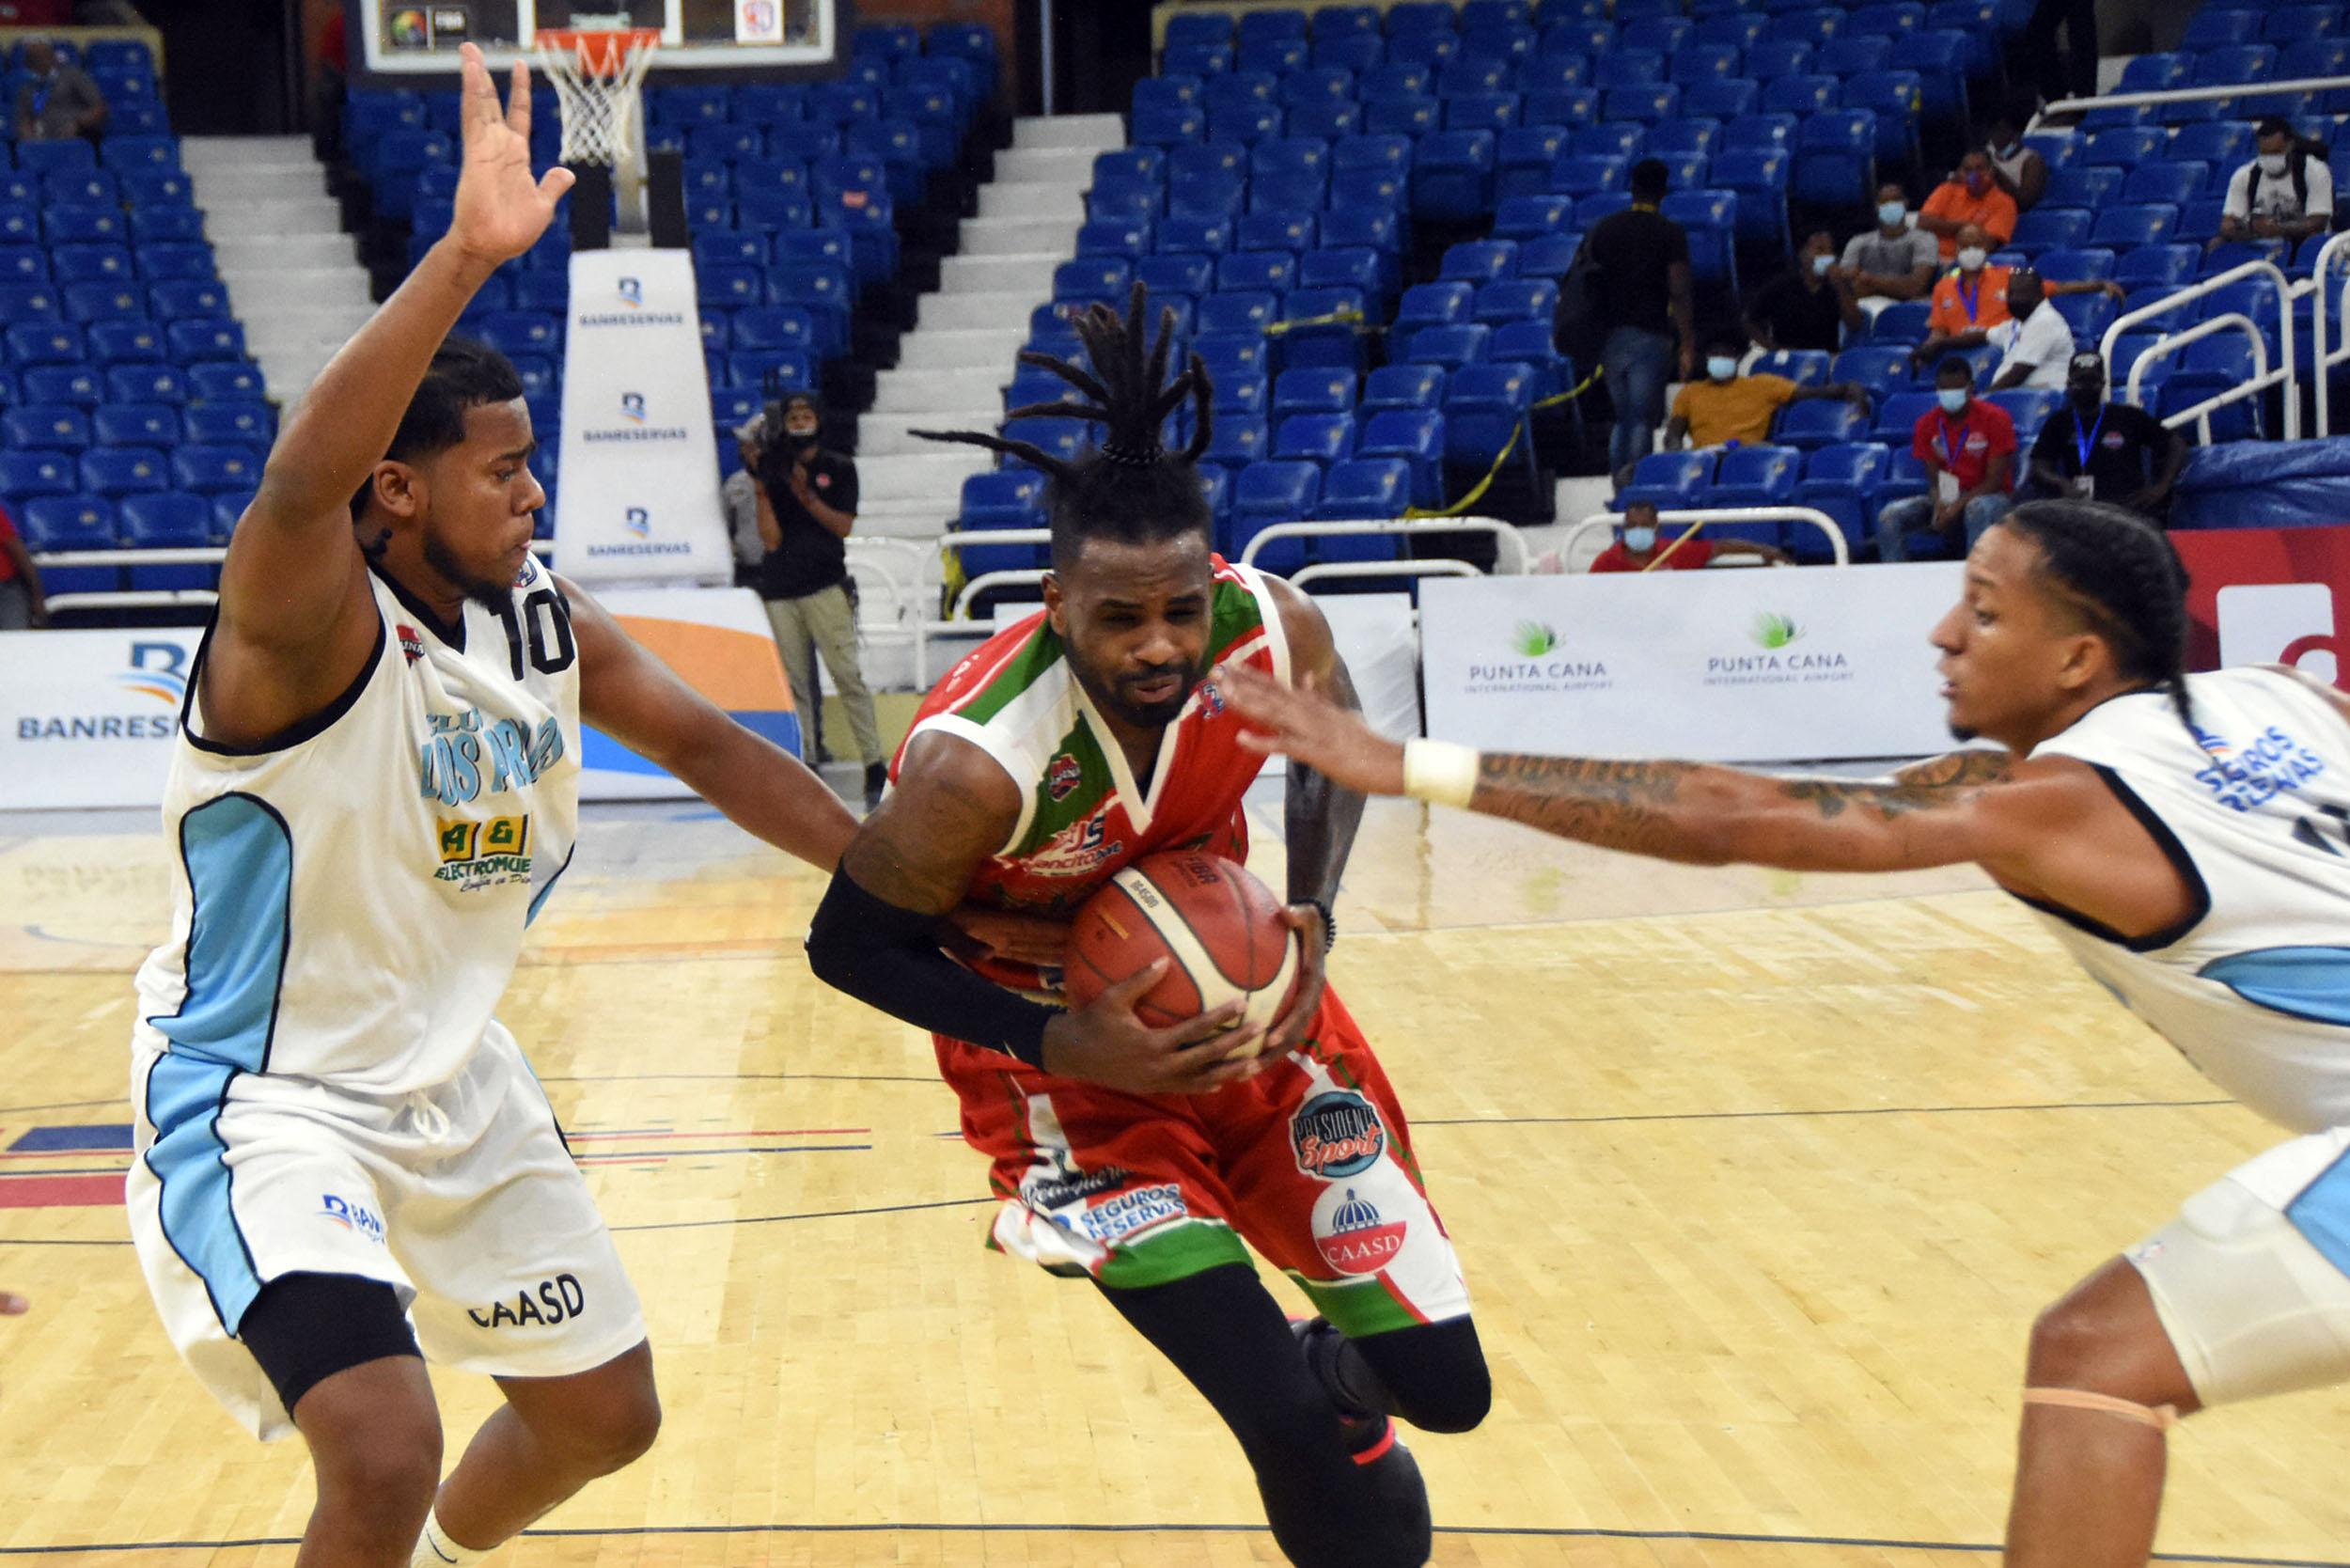 Bameso conitúa en la lucha; Huellas gana y empata con el Barias en el tercer lugar